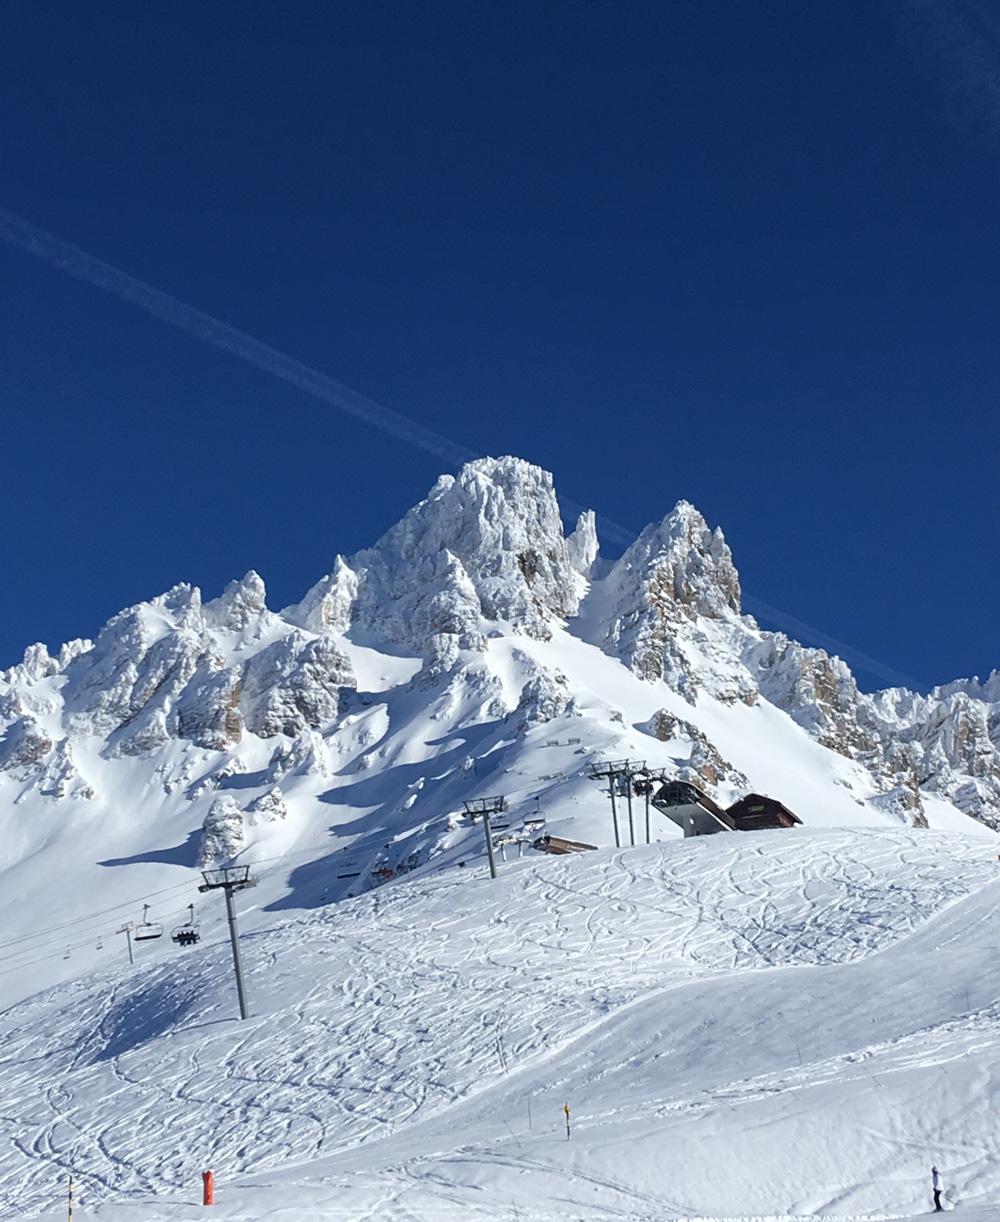 Meribel French Alps